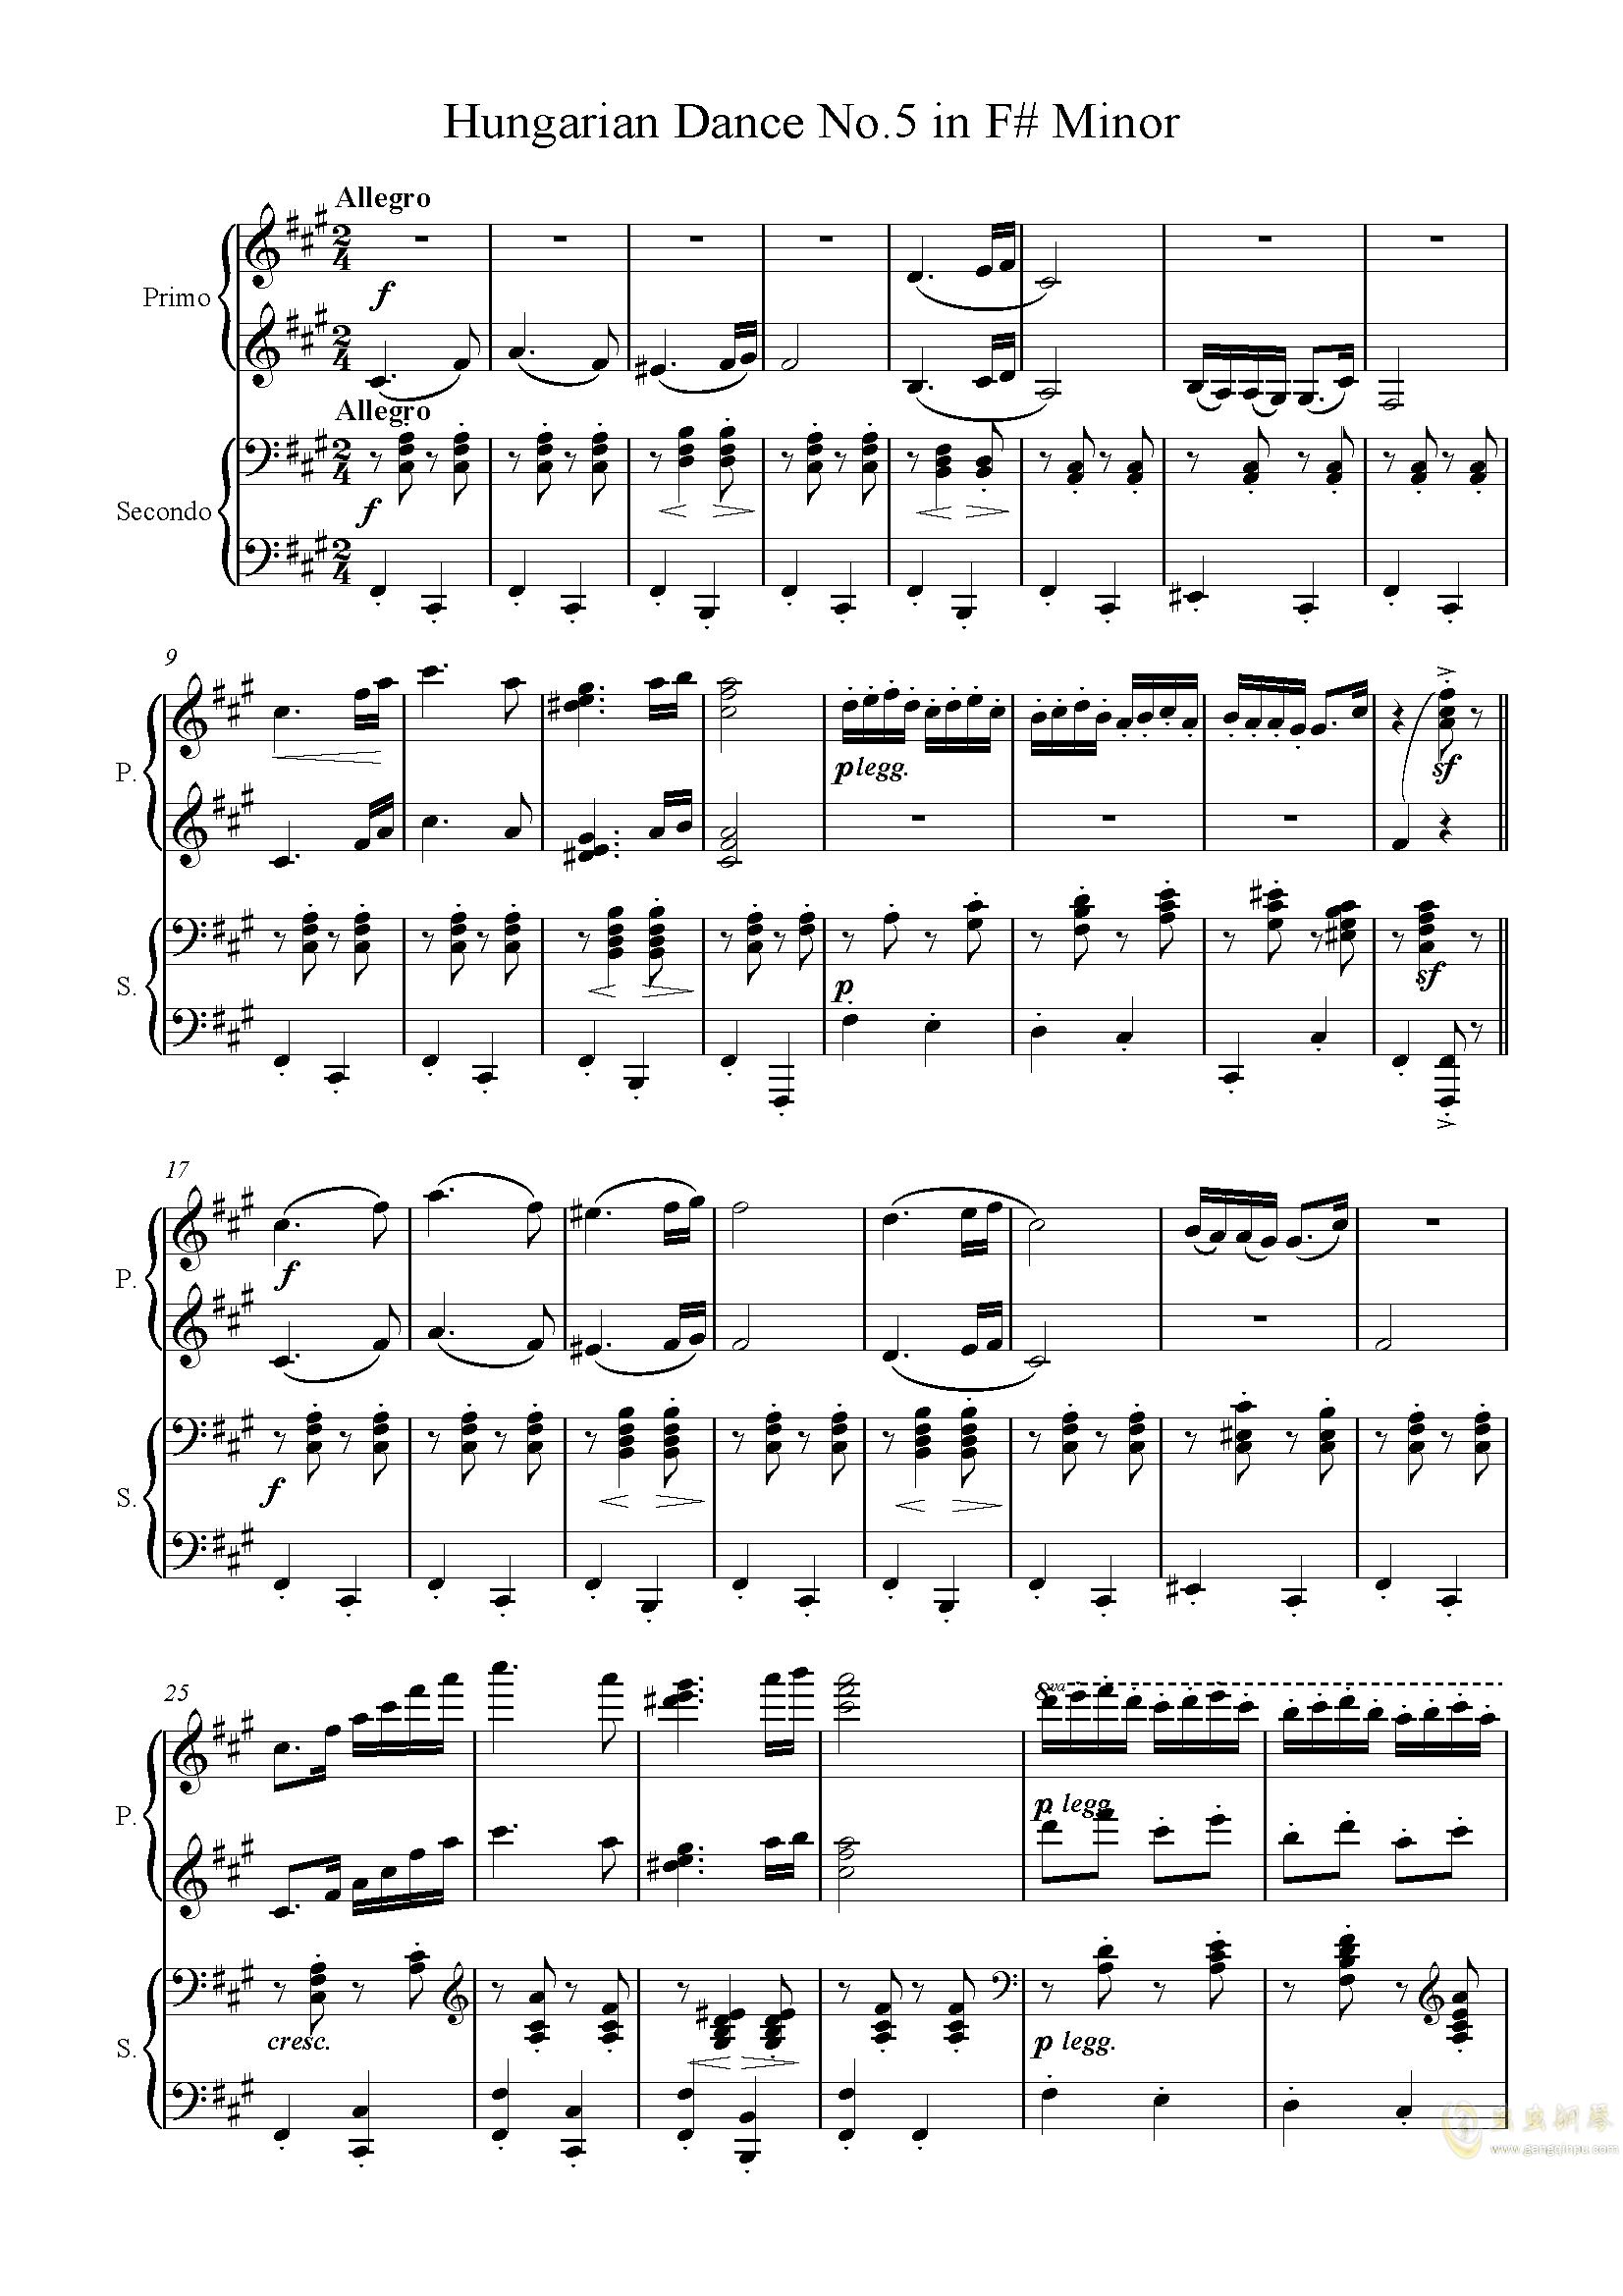 匈牙利舞曲第五号钢琴谱 第1页